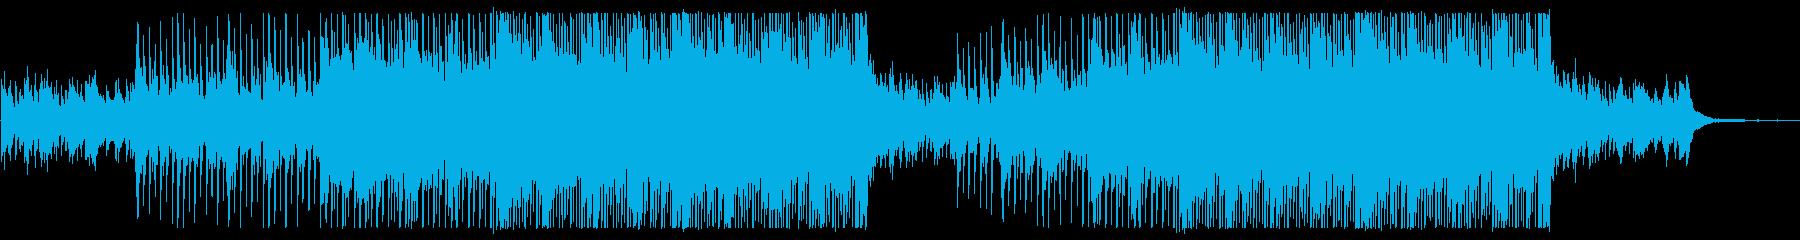 ポジティブなアコギとマンドリンのフォークの再生済みの波形